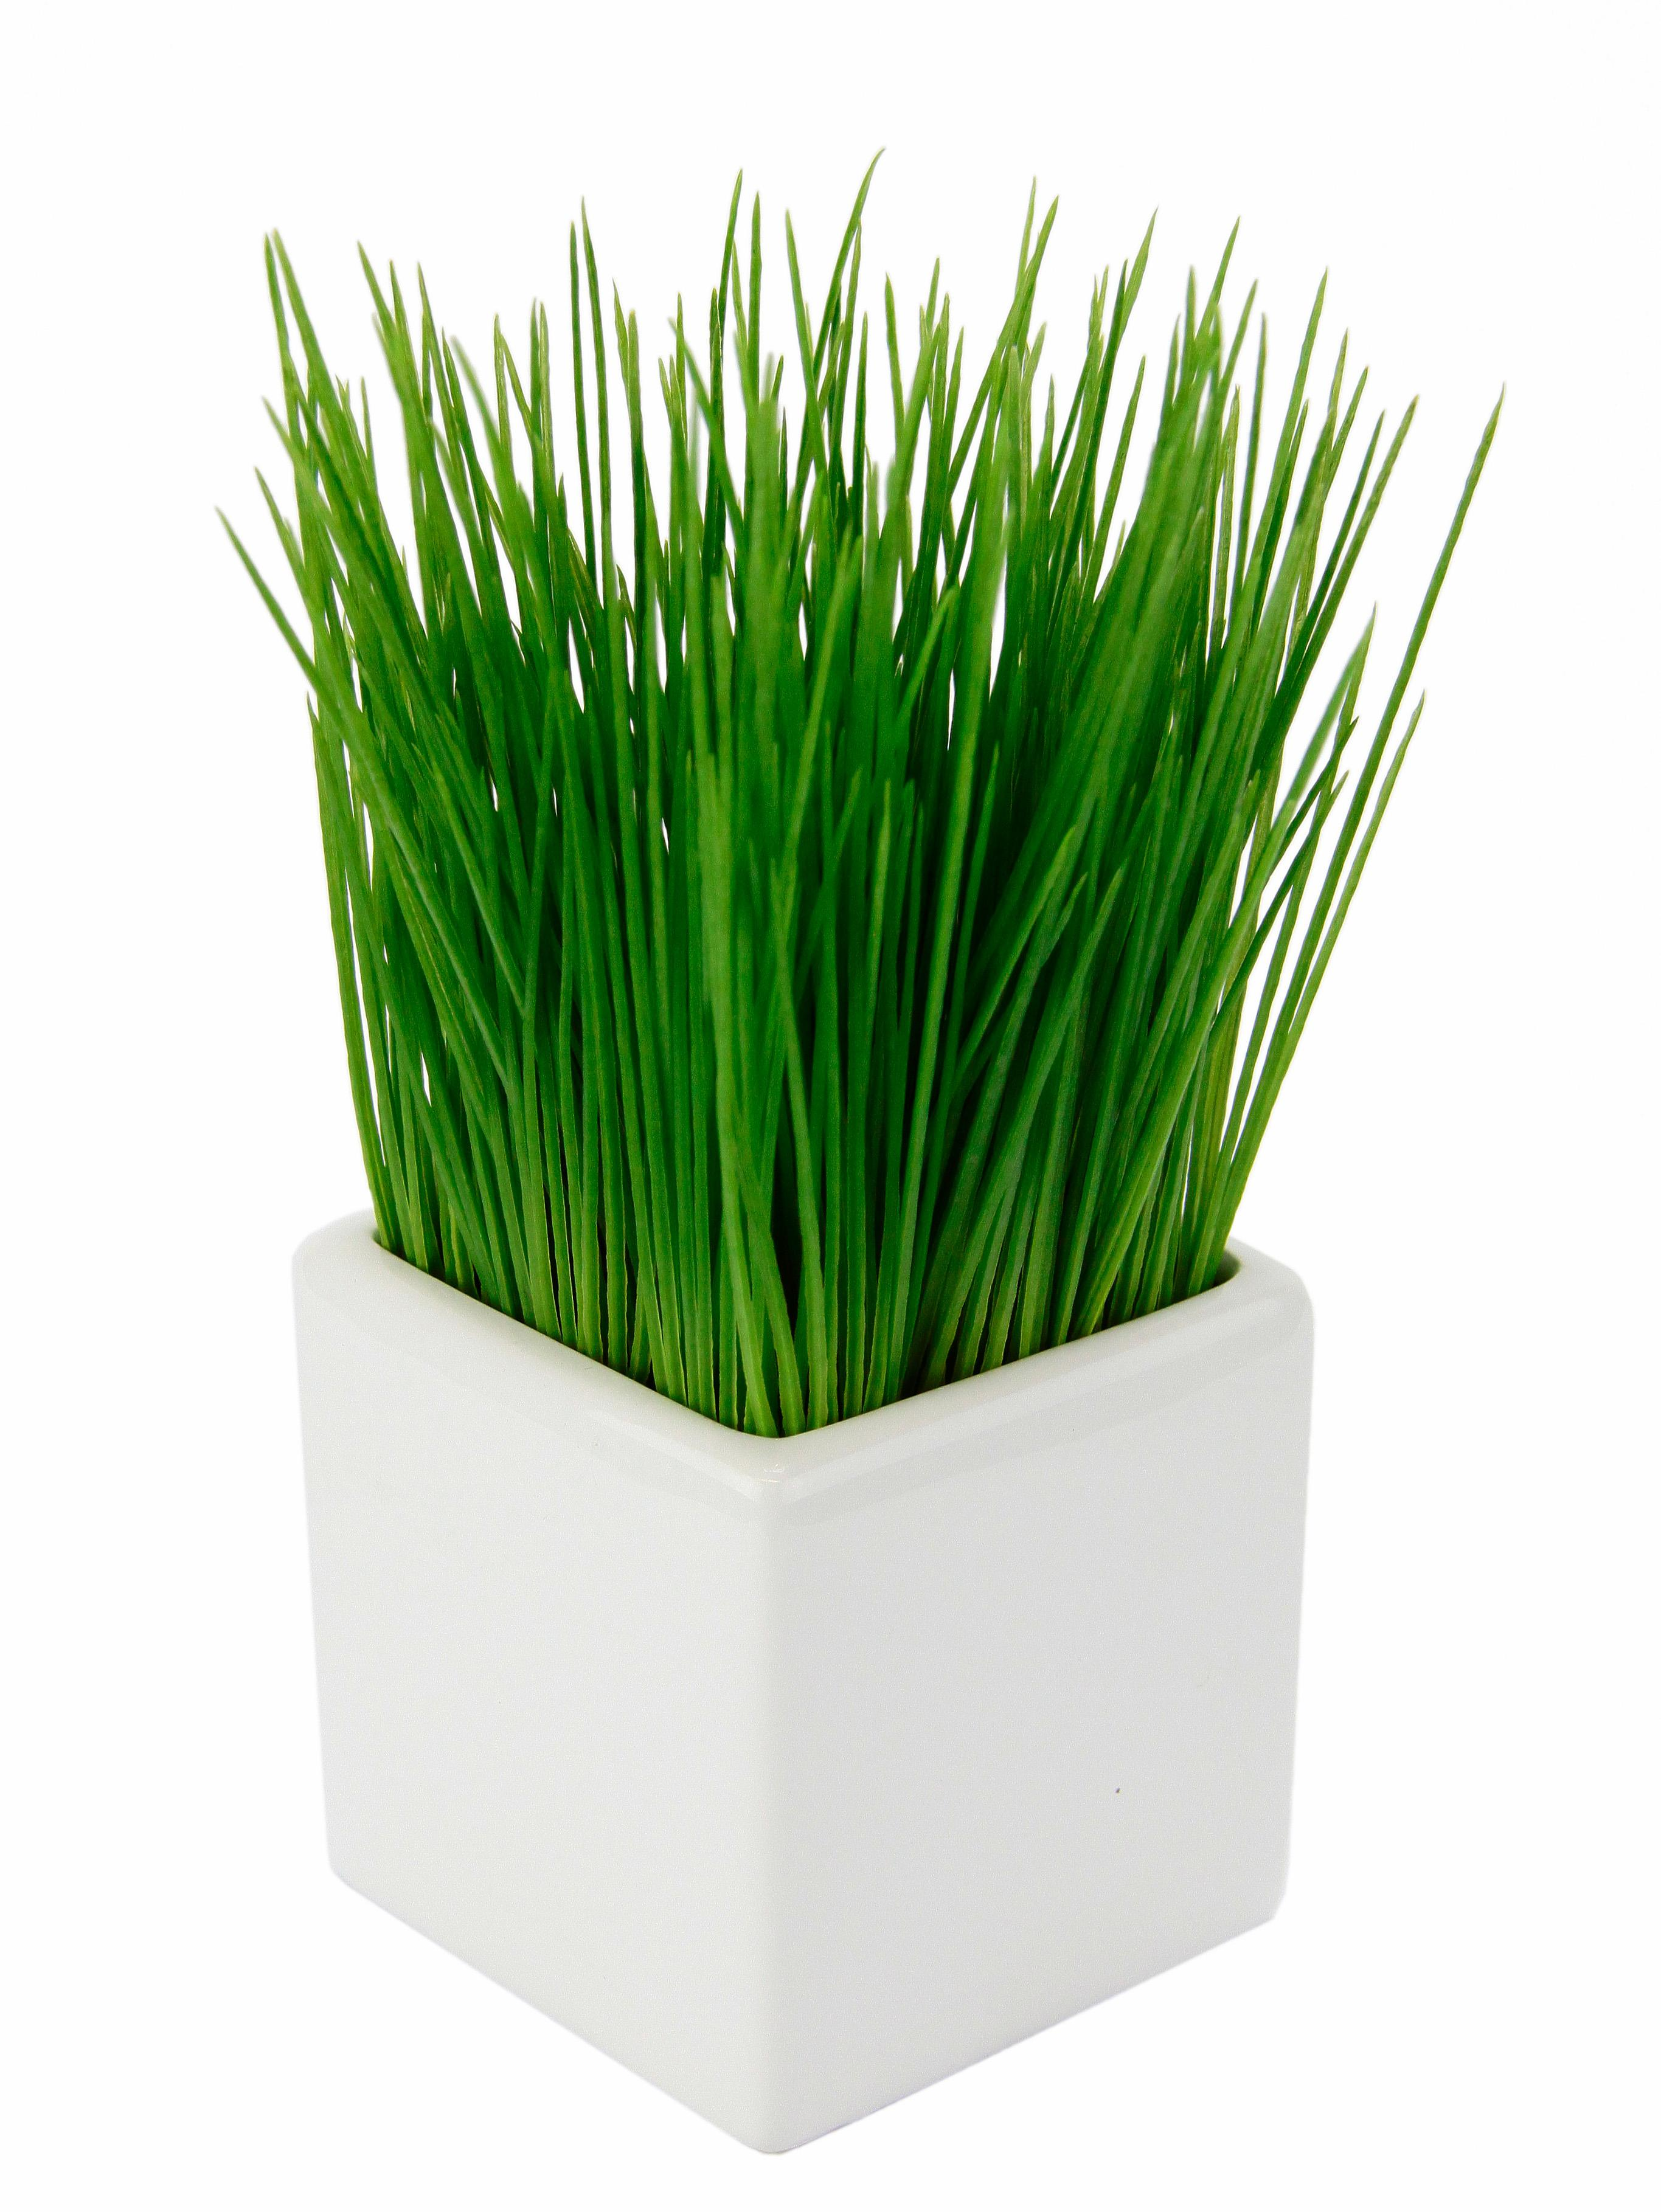 Kunstpflanze Gras Technik & Freizeit/Heimwerken & Garten/Garten & Balkon/Pflanzen/Kunstpflanzen/Kunst-Gräser